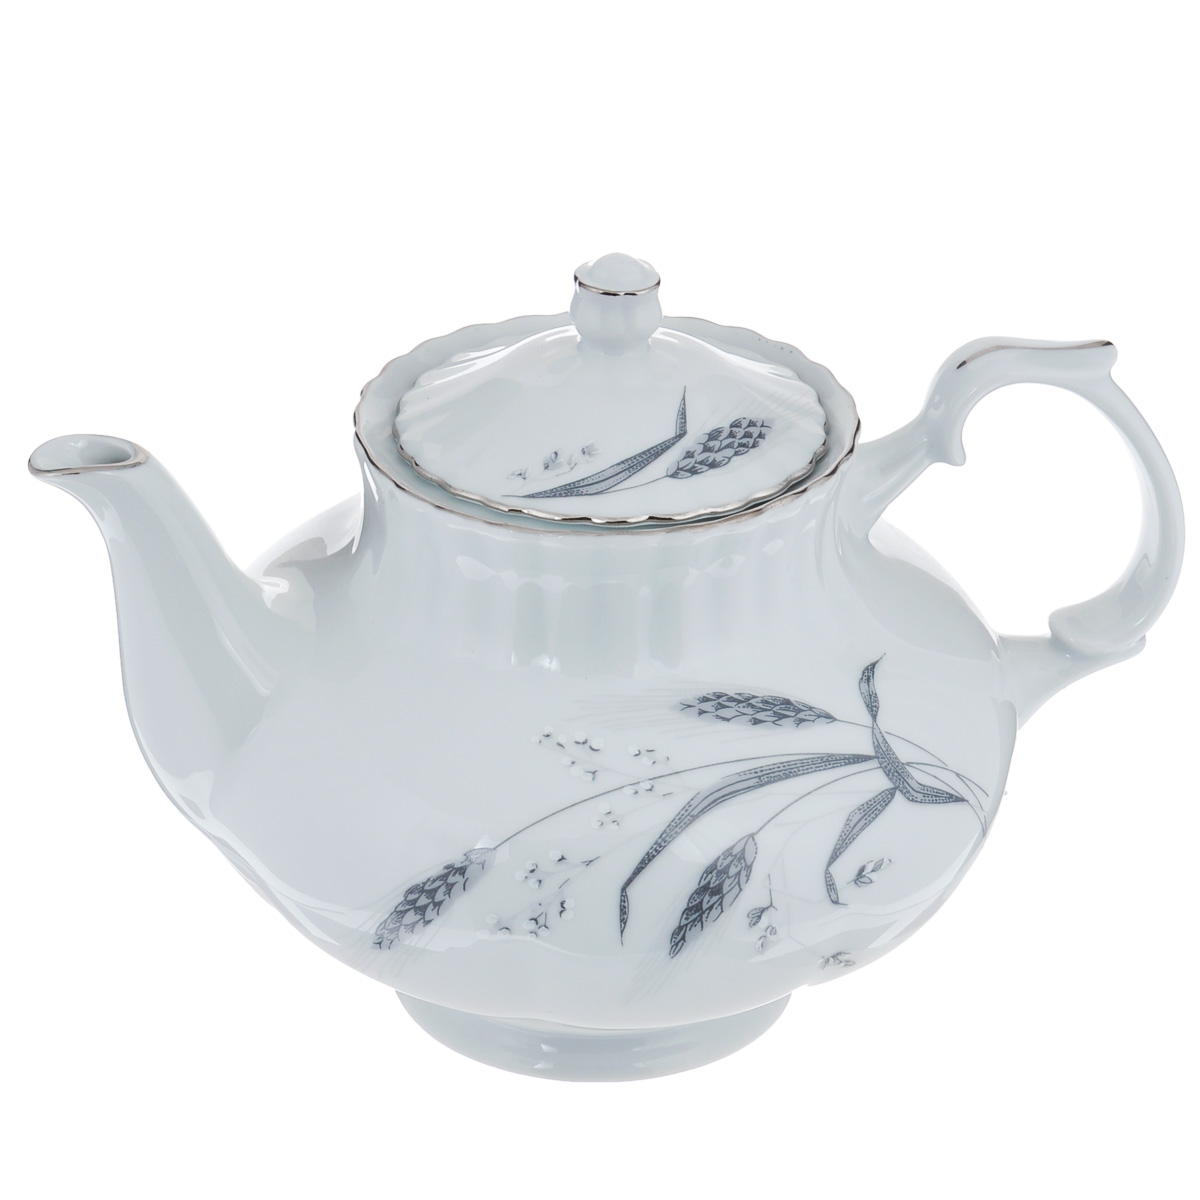 Чайник заварочный Czech Gold Hands Колосок, 1,6 лIW G335 tea pot1.6Чайник заварочный Czech Gold Hands Колосок изготовлен из высококачественного фарфора белого цвета. Изделие украшено изящным изображением колосьев и серебристой эмалью. Изысканный чайник станет настоящим украшением сервировки стола к чаепитию. Не использовать в микроволновой печи и посудомоечной машине.Диаметр (по верхнему краю): 10,5 см. Высота чайника (без учета крышки): 14 см.